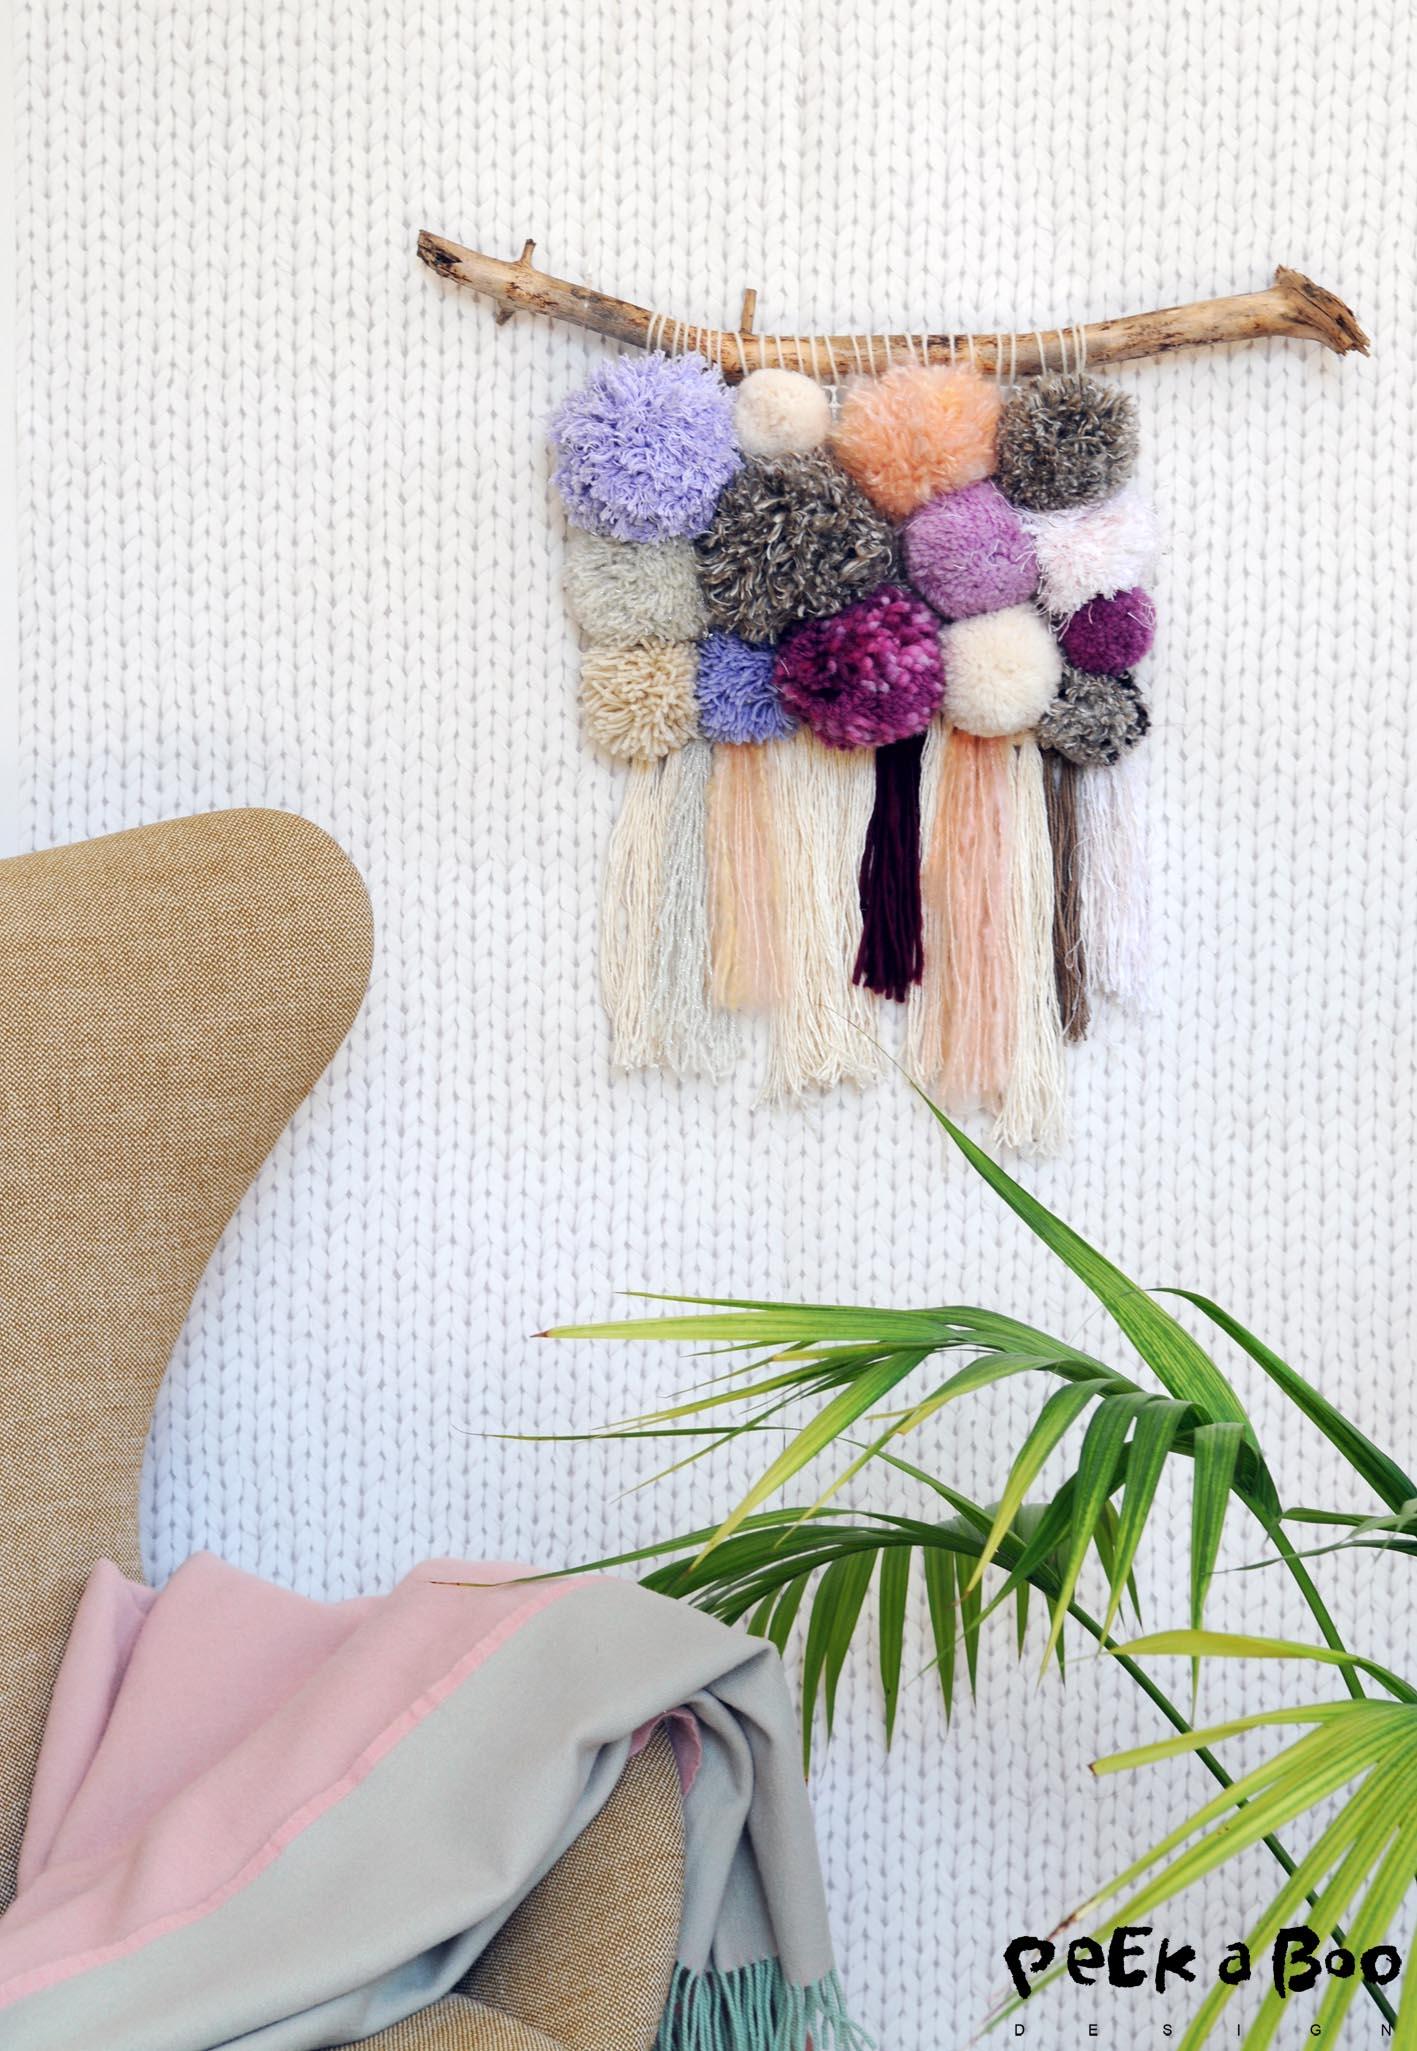 pompom wallhanger made of leftover yarns.